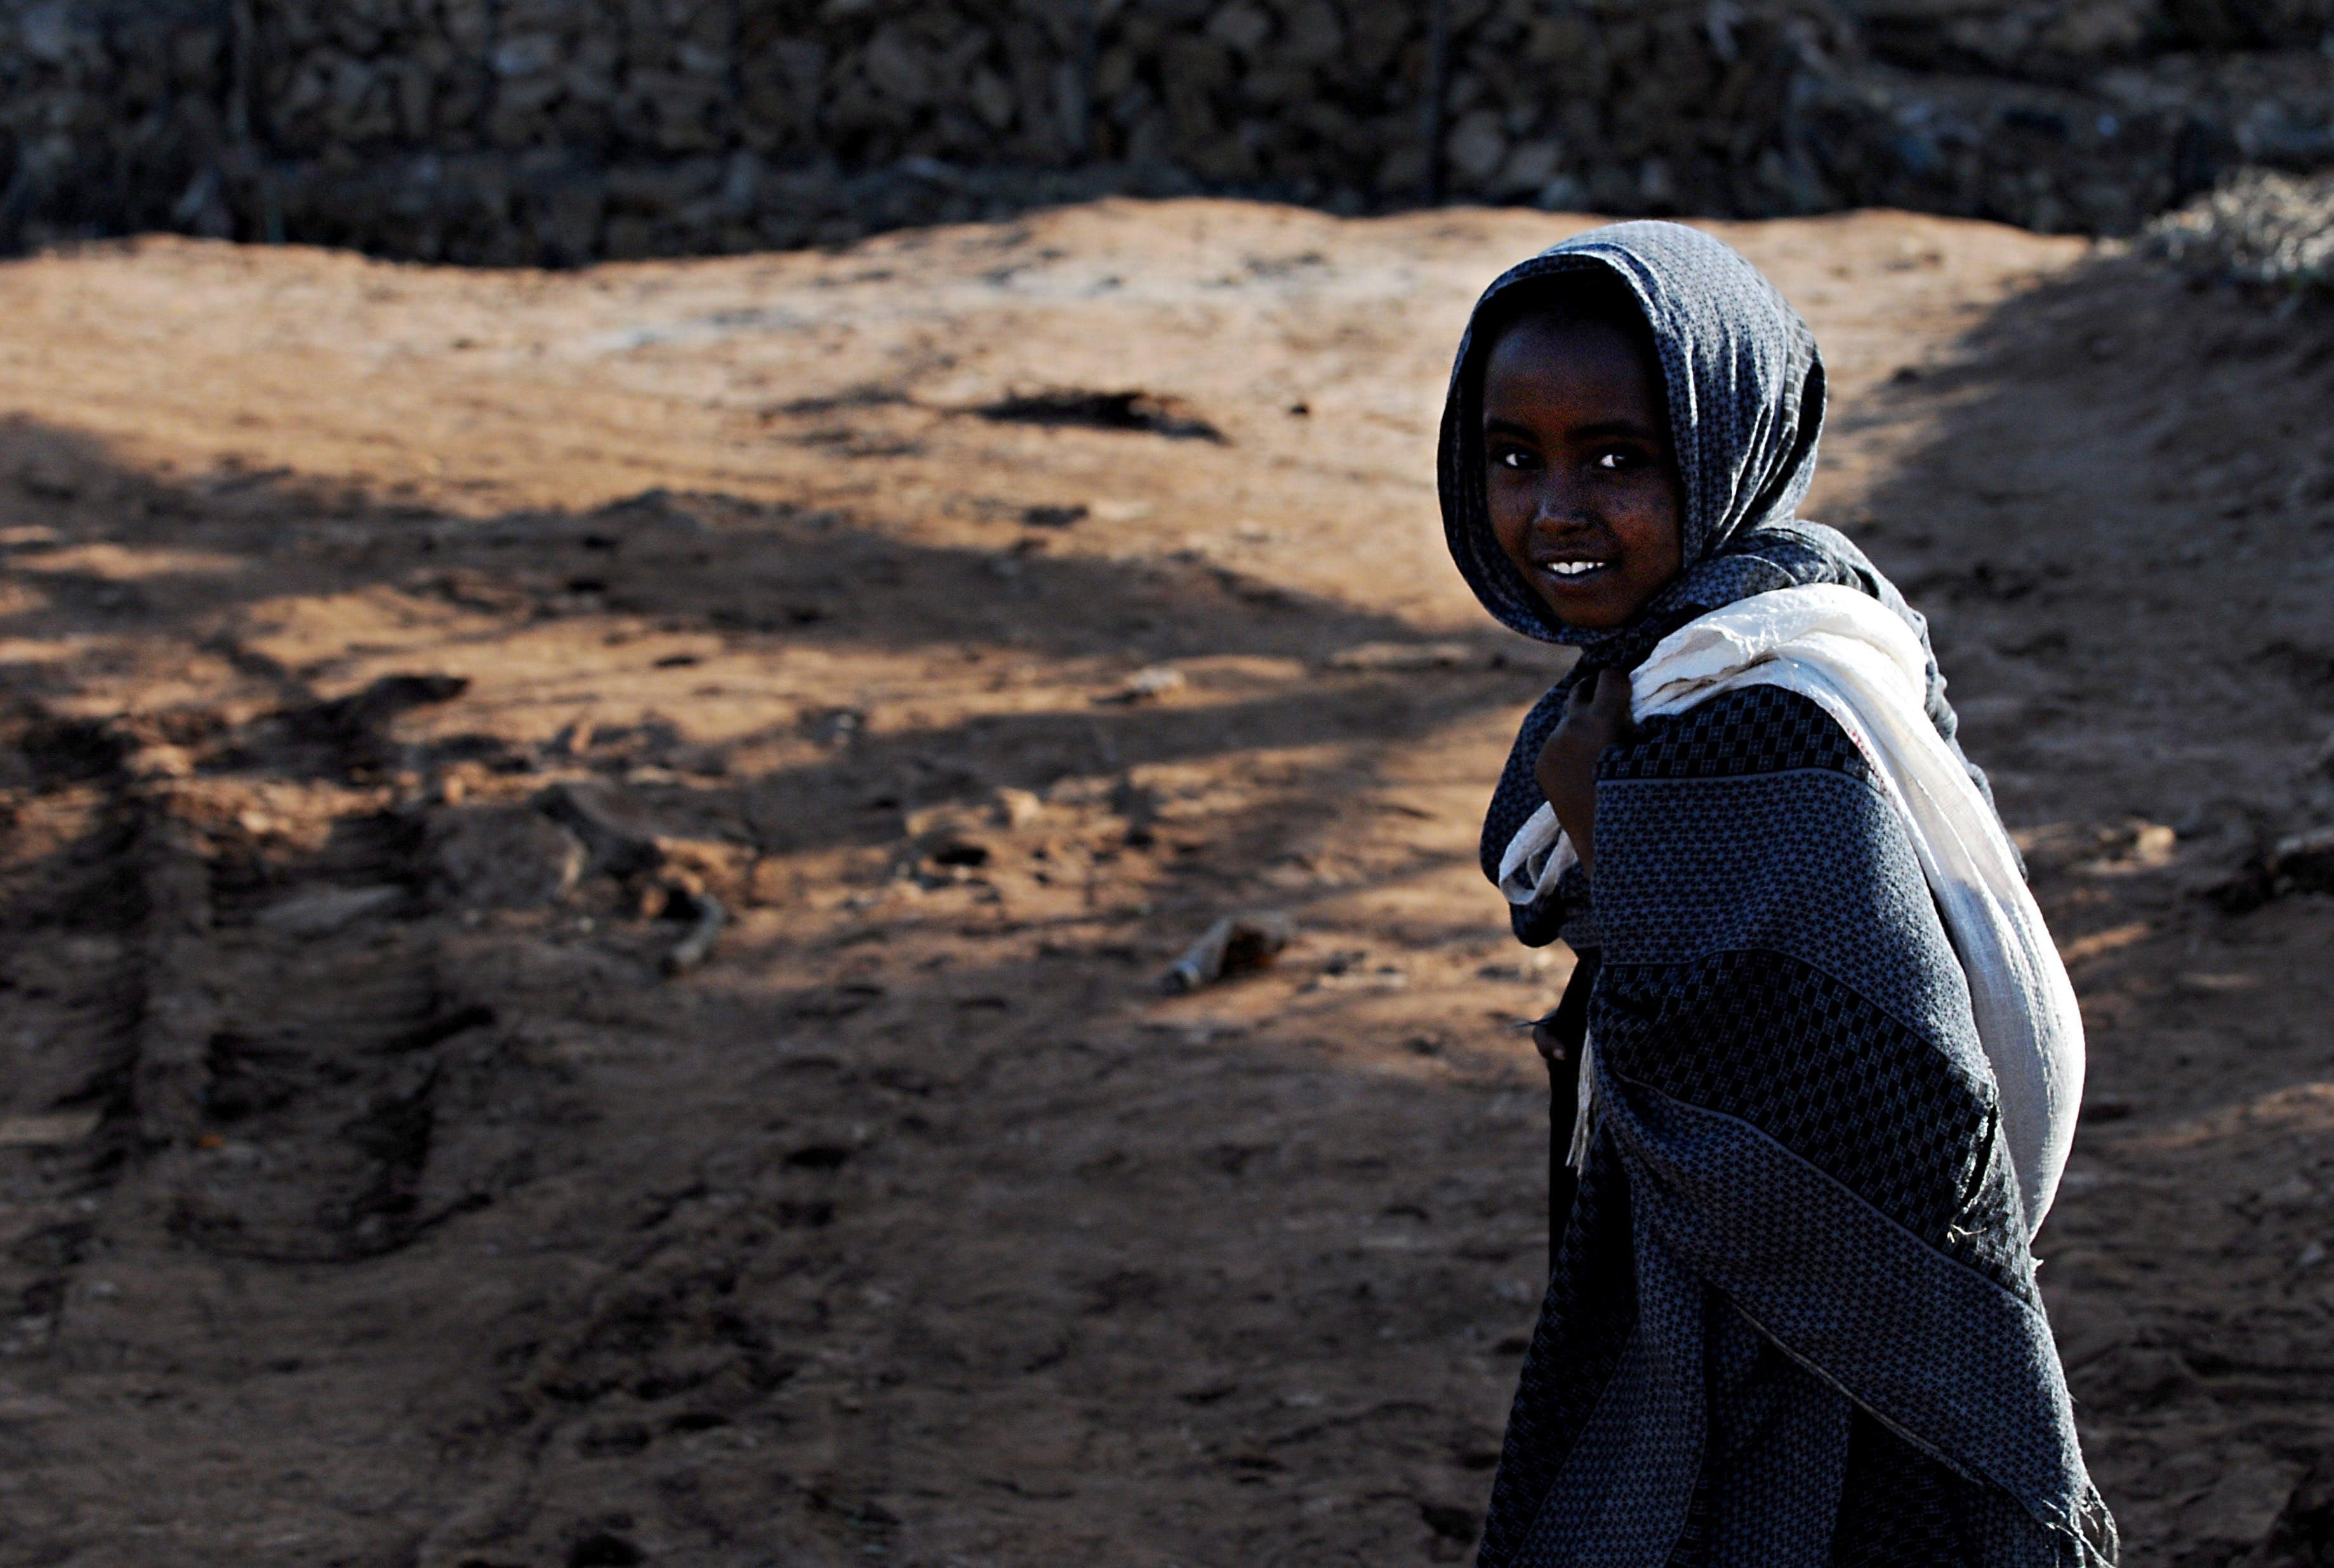 Smiling Child in Black Dress Shirt Walking on Brown Sand during Daytime